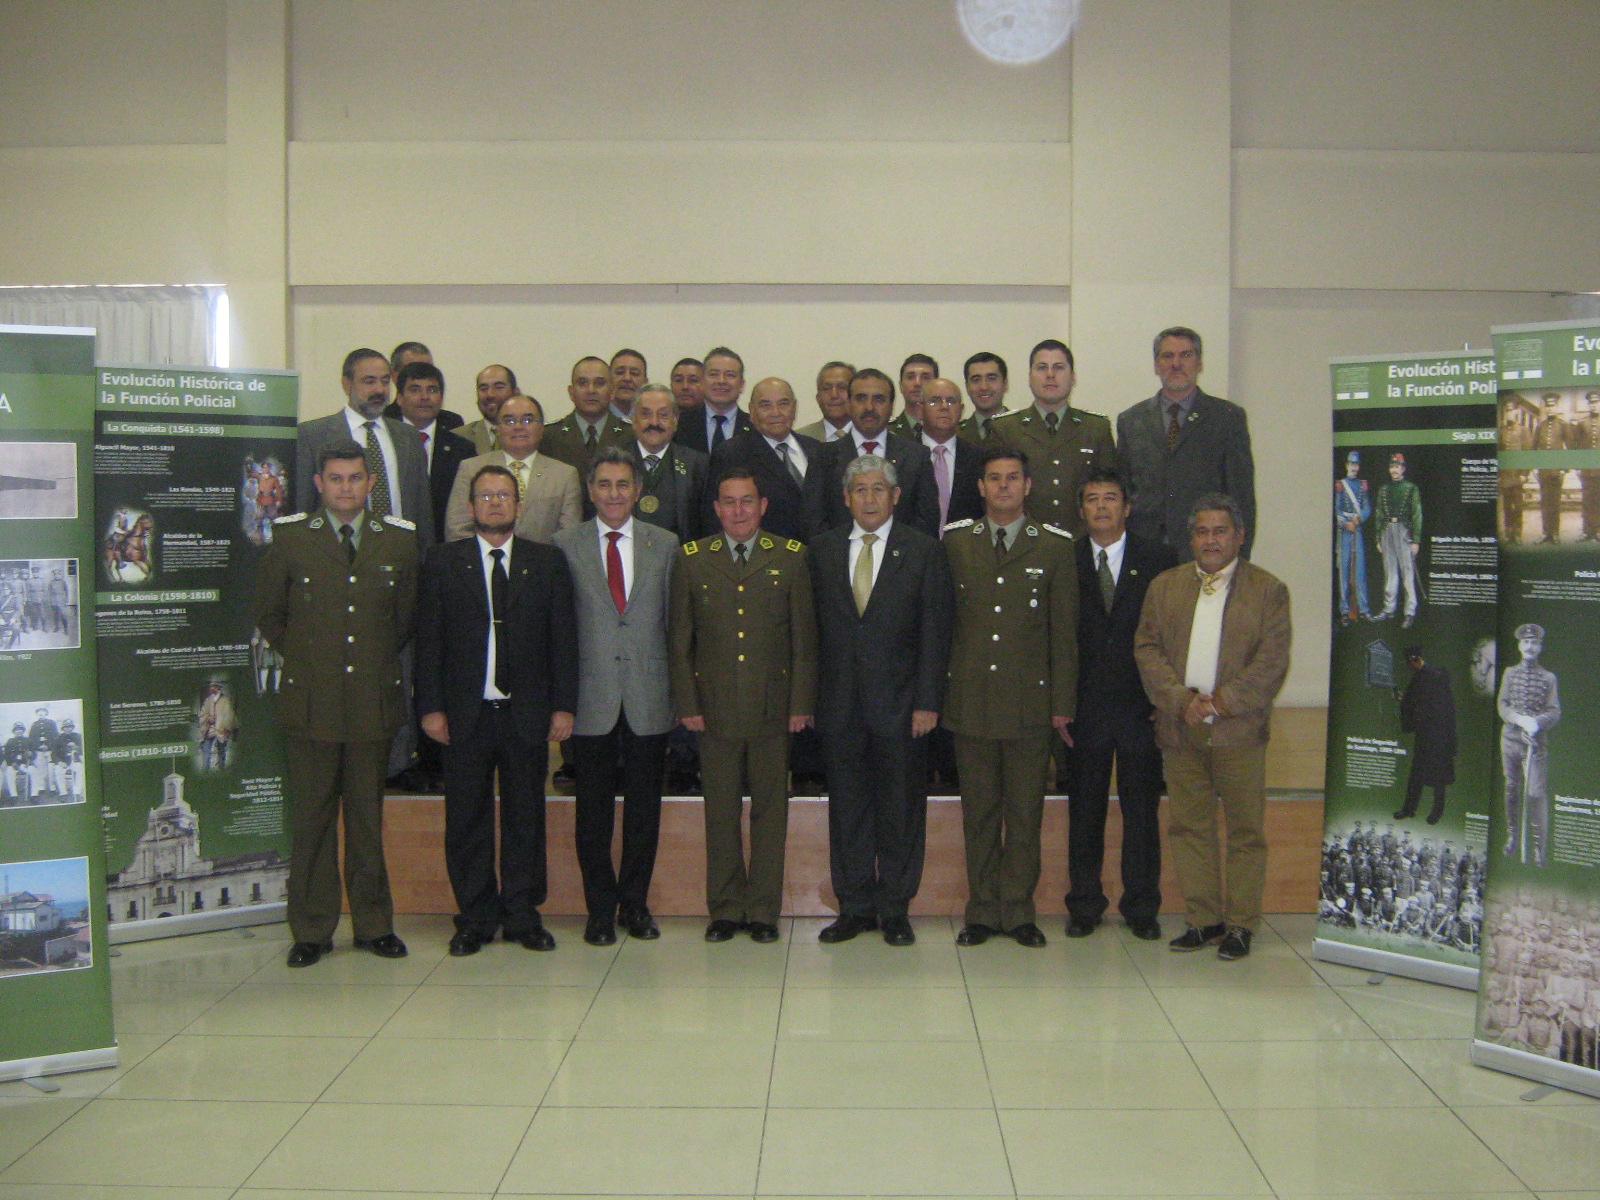 Círculo de amigos de Carabineros celebraron nuevo congreso en Vallenar